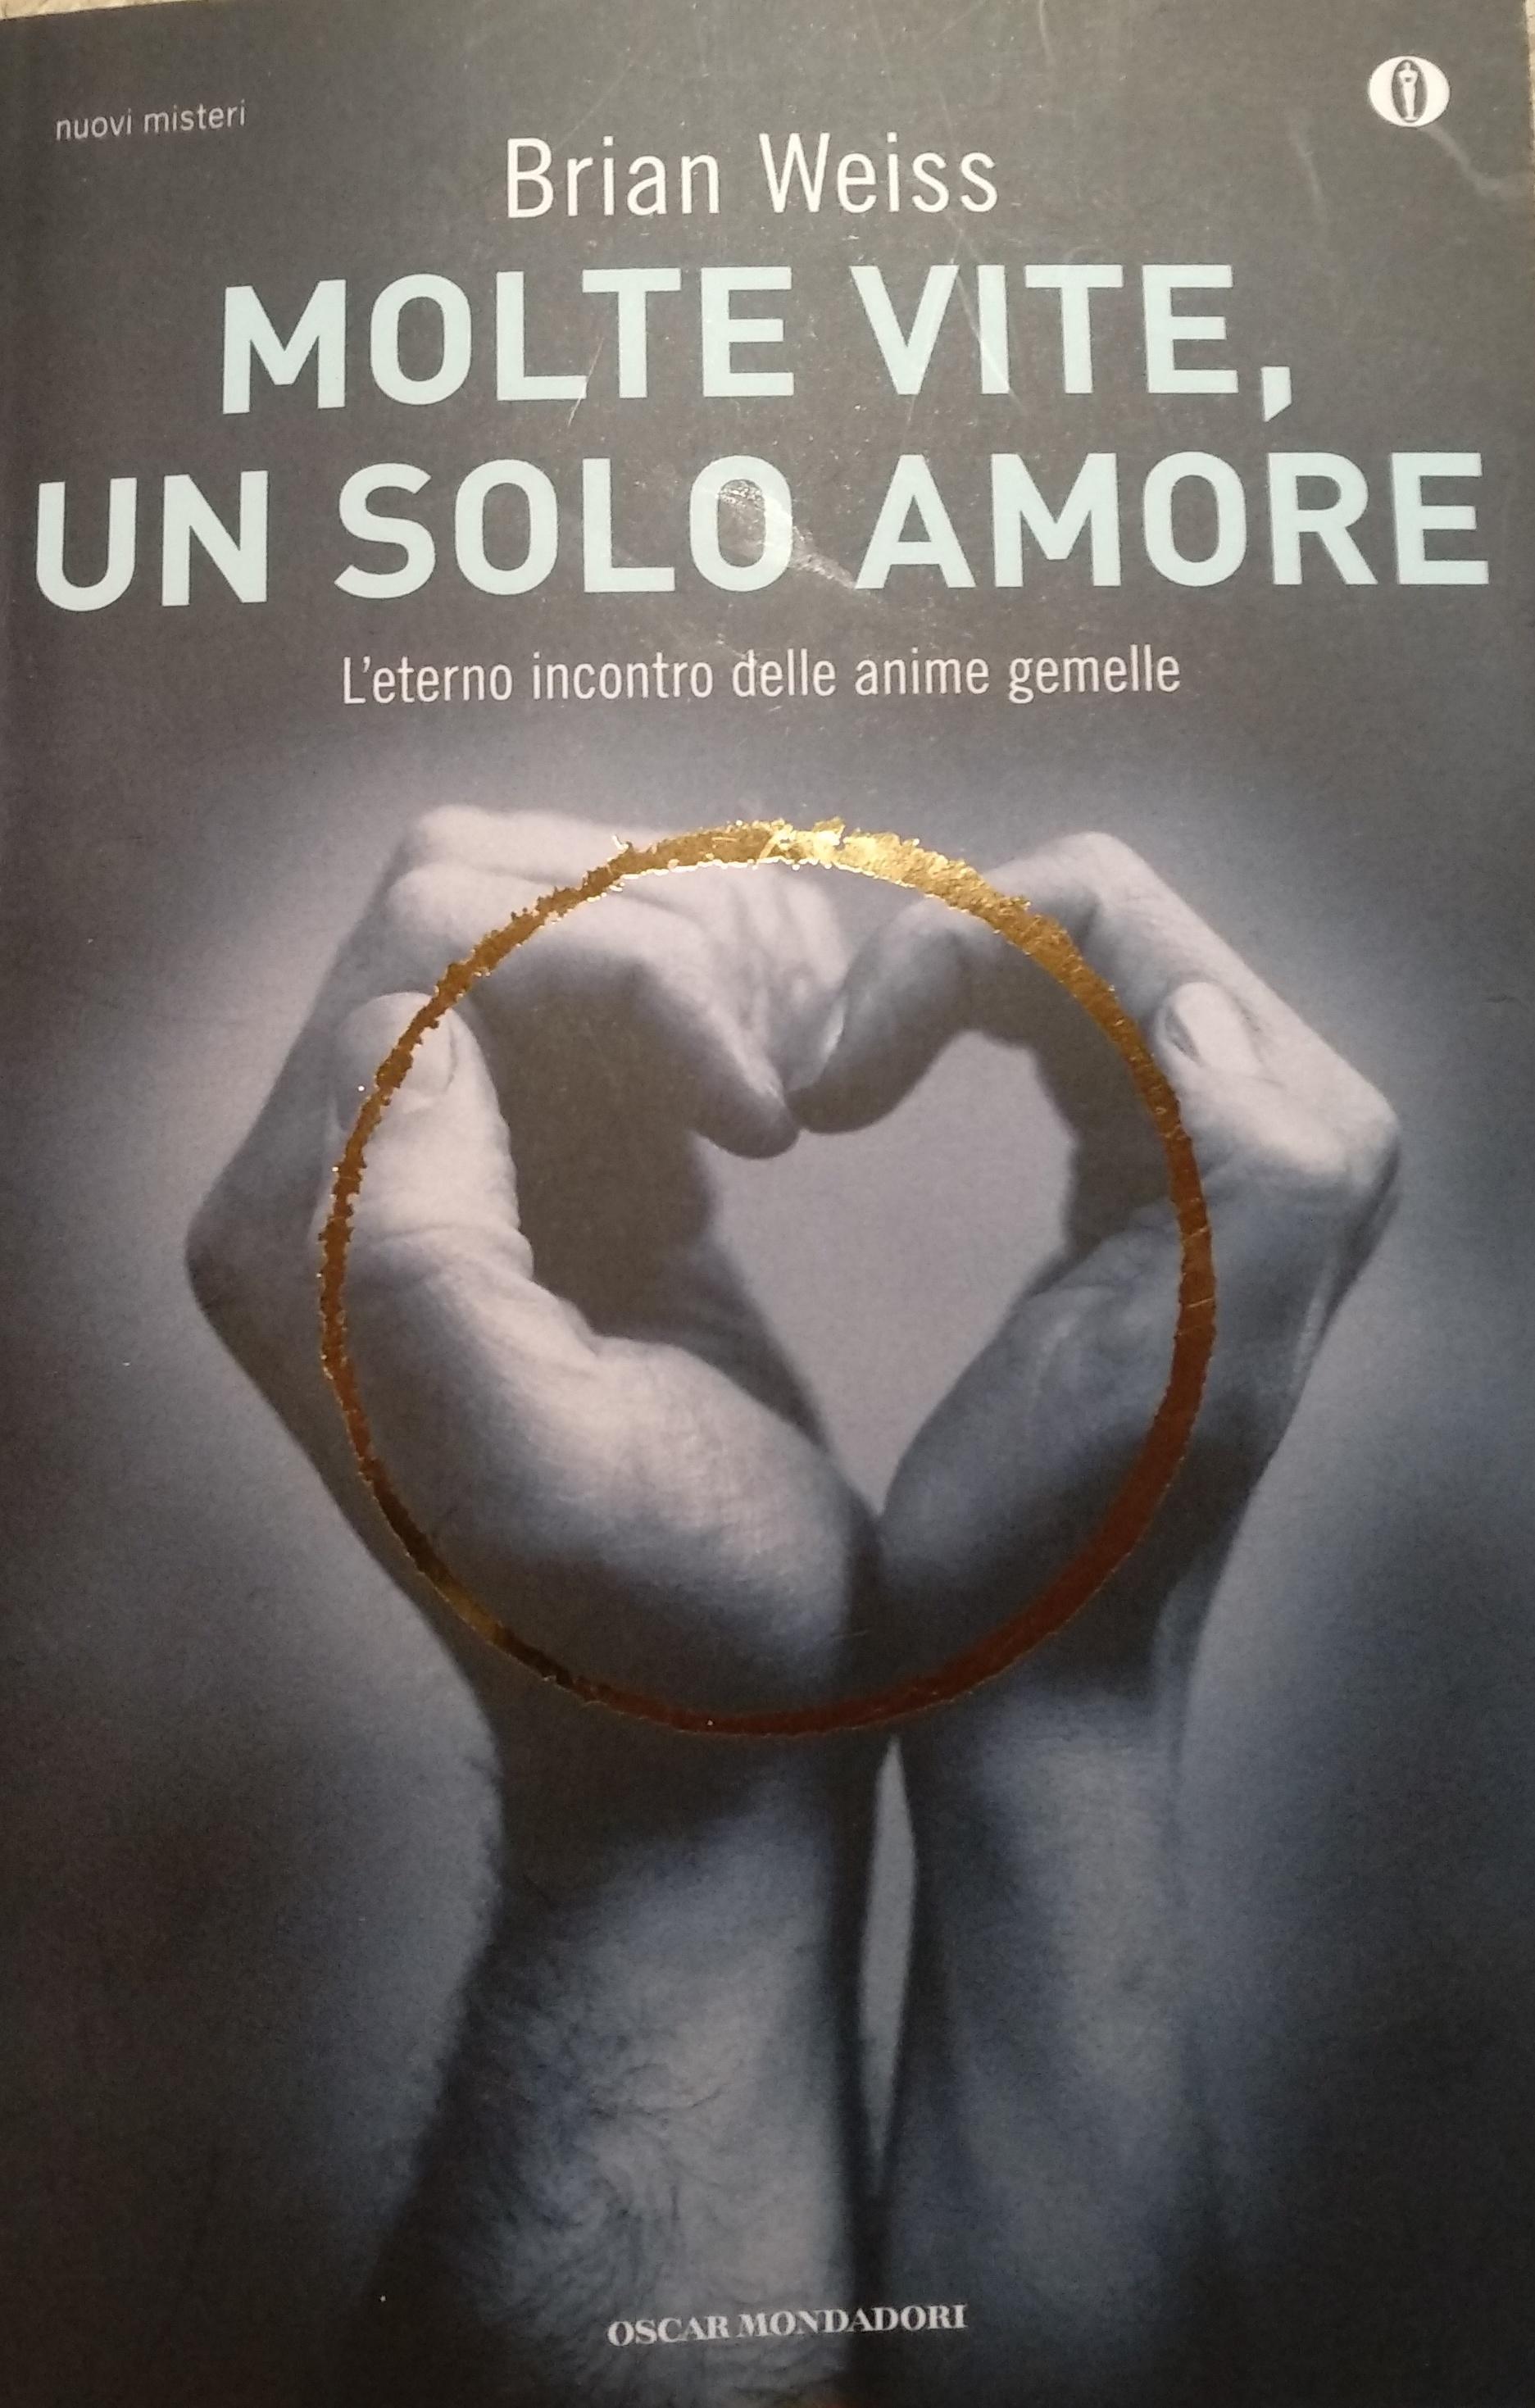 Cinzia Pedrani, lettura di gennaio.